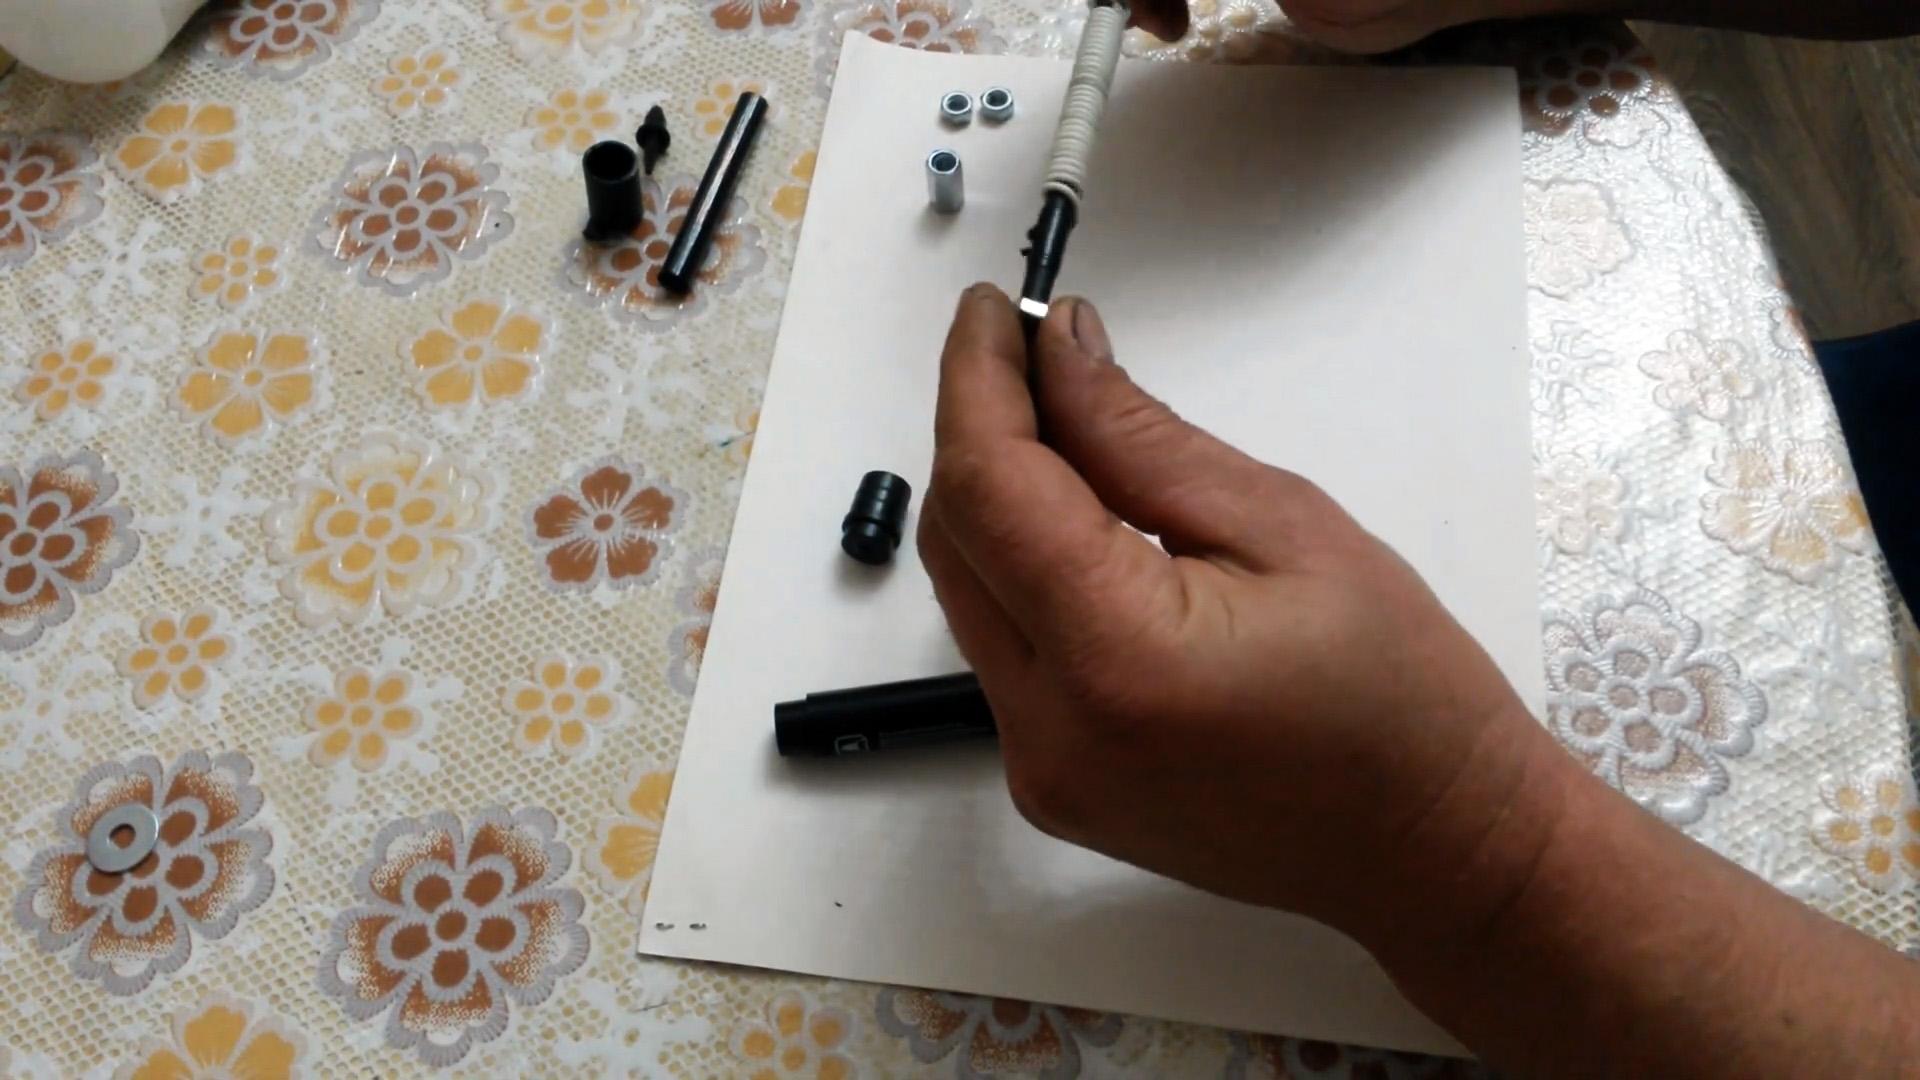 Как из маркера сделать миниатюрную и чувствительную антенну FM приемника вместо длинного провода